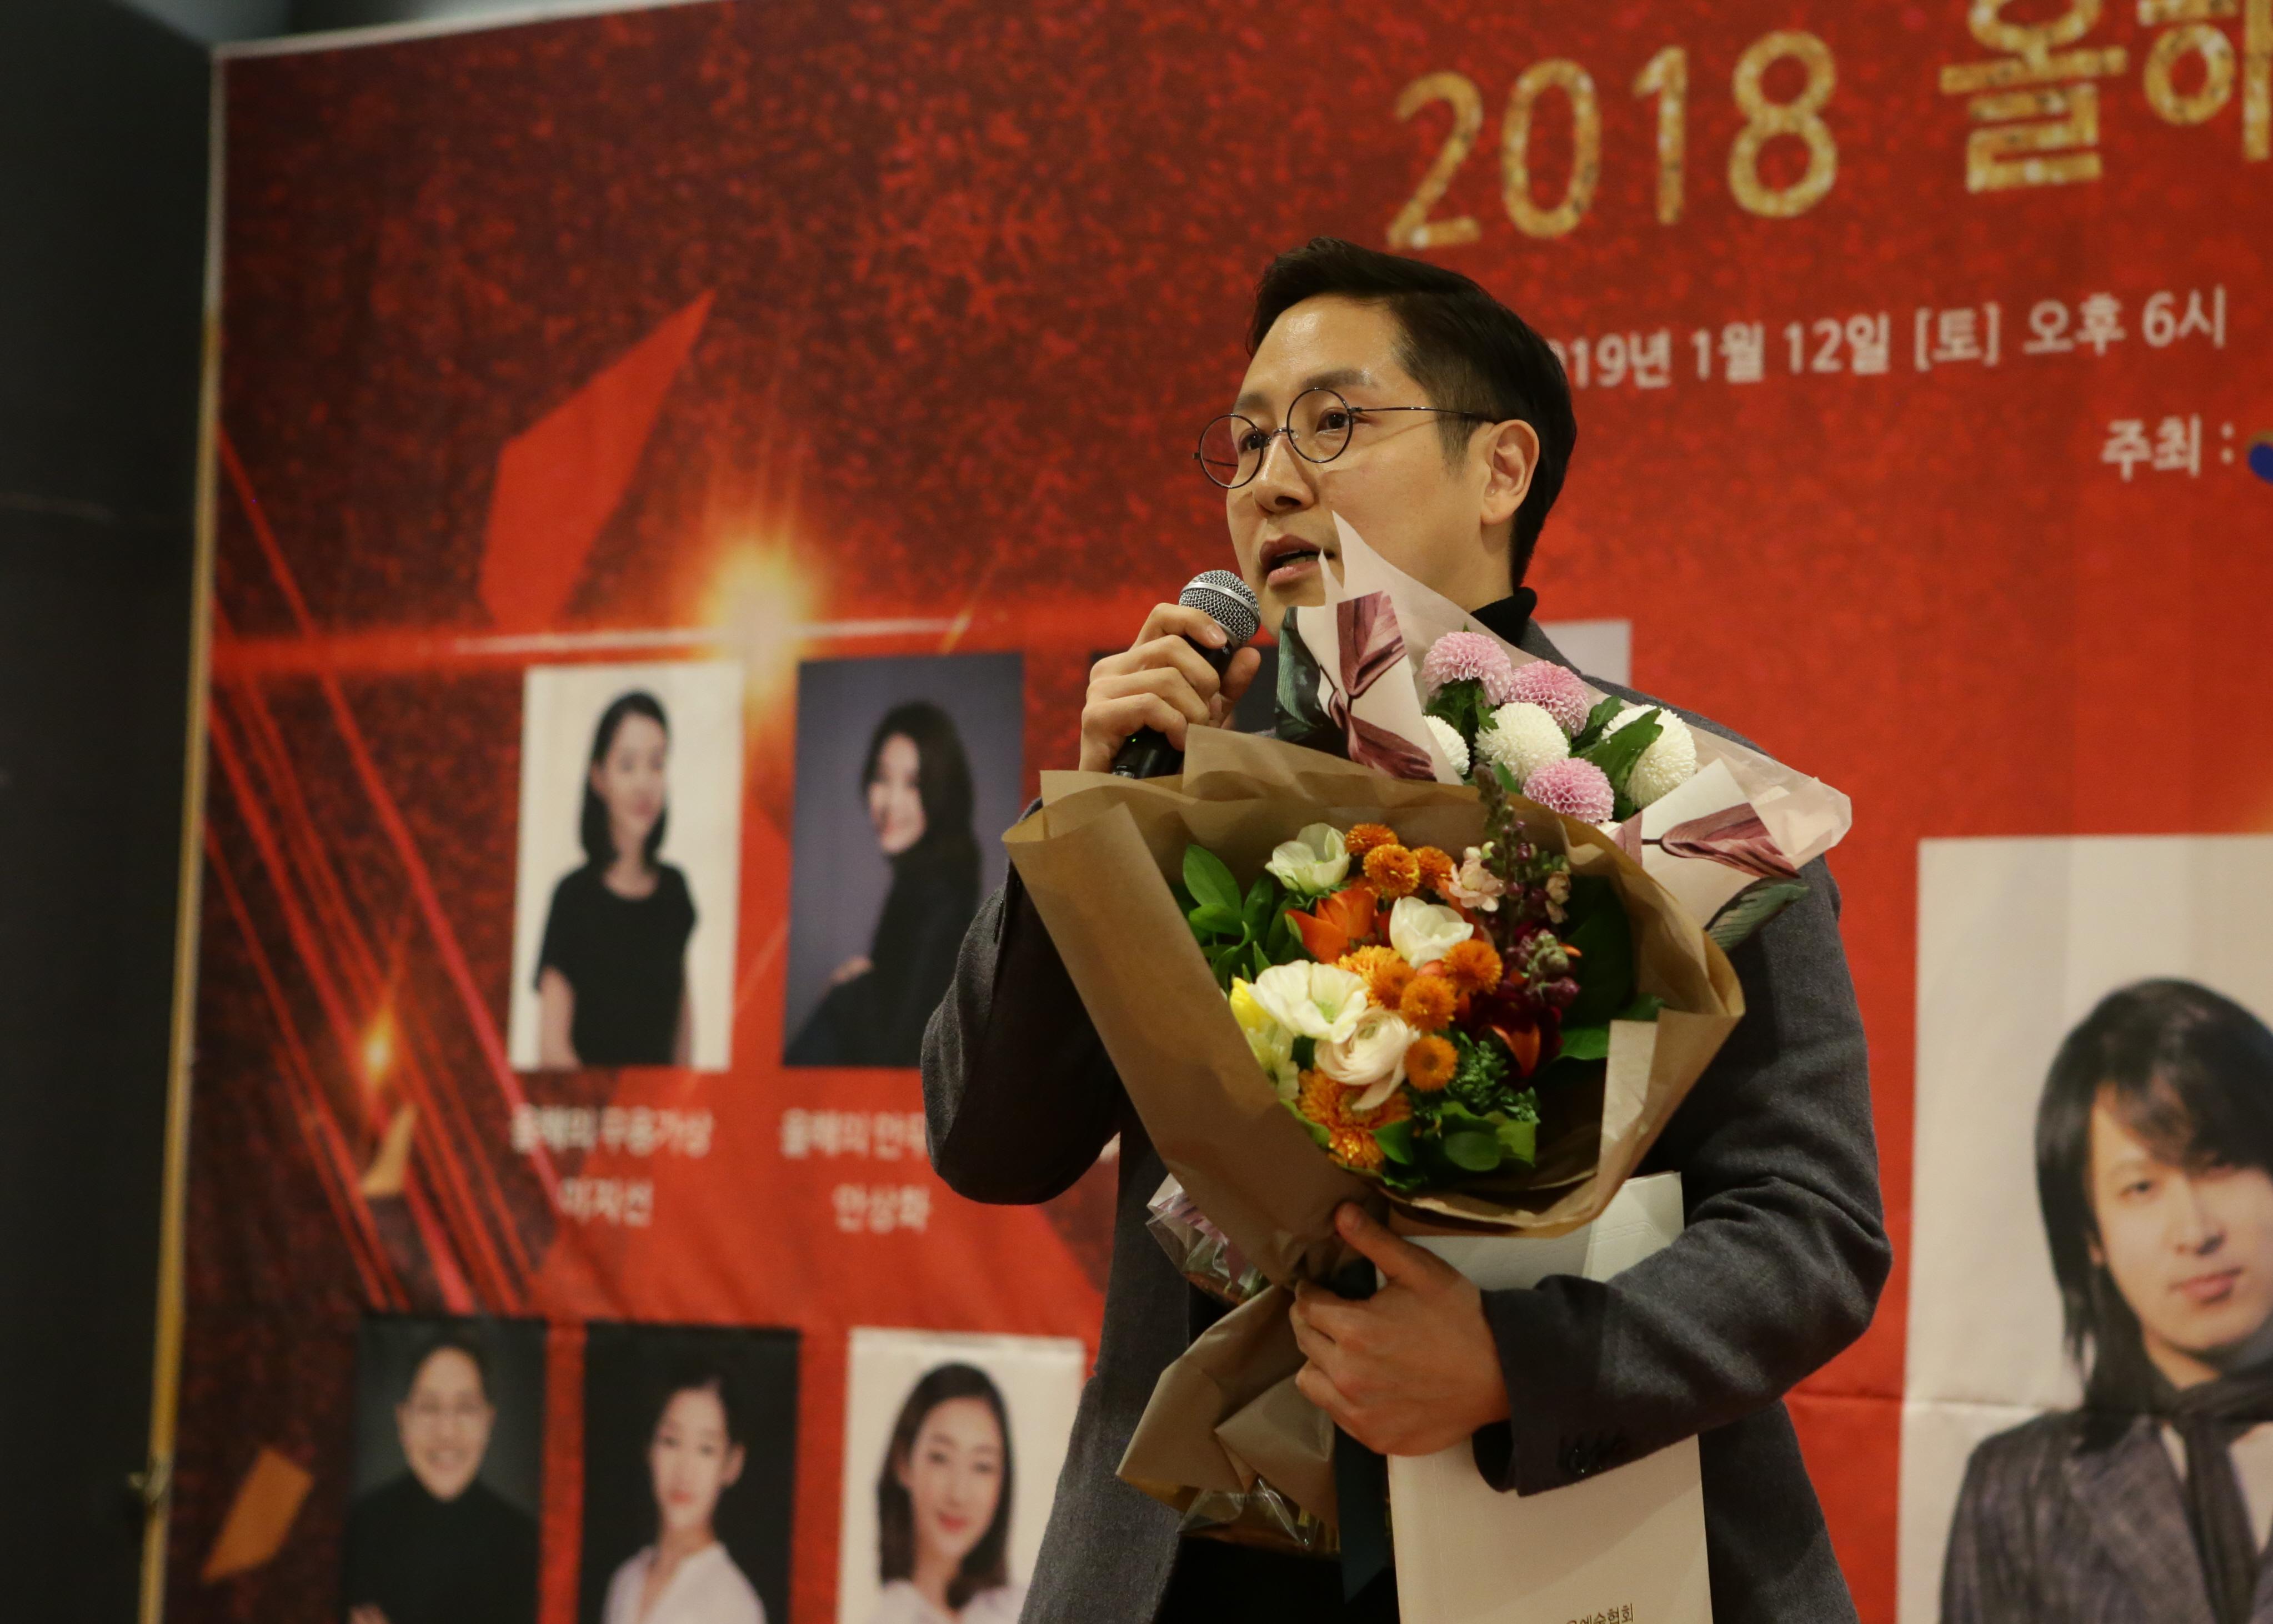 2018올해의 예술상 시상식 (63).JPG